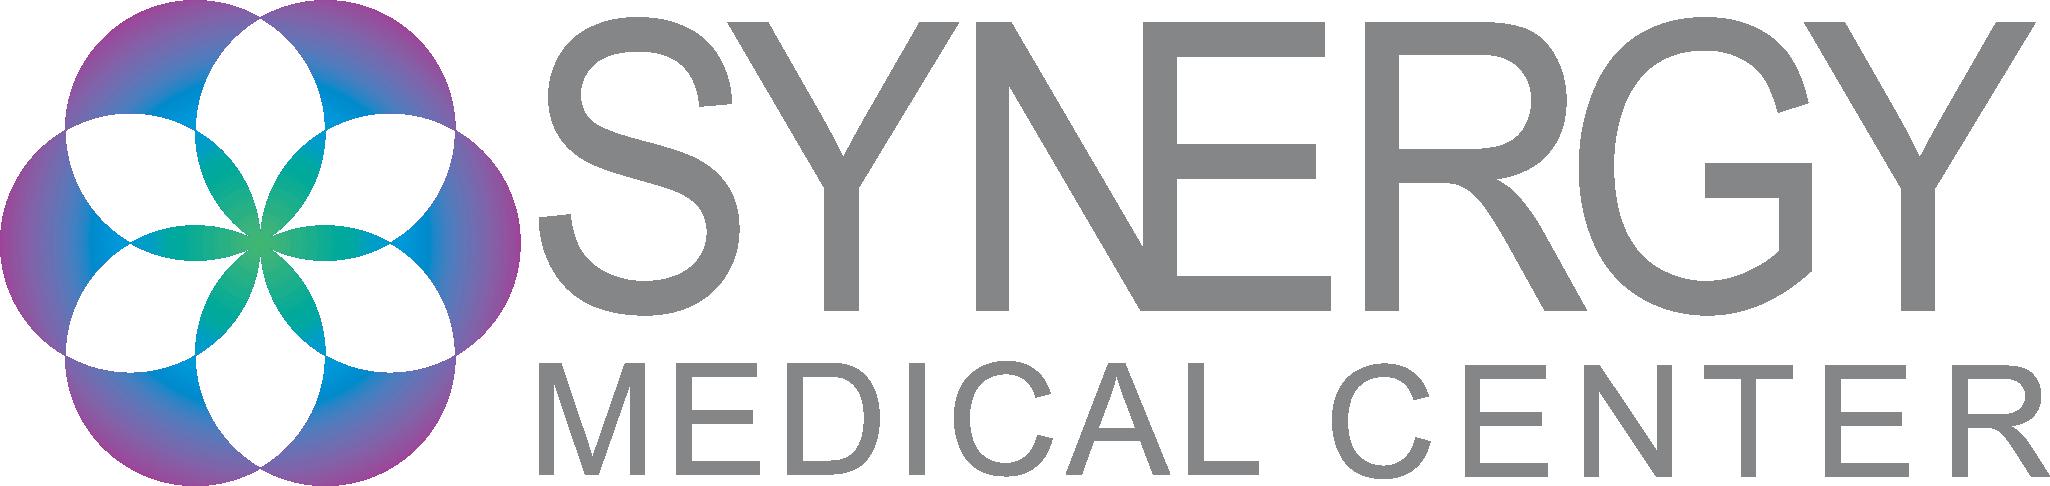 Synergy Medical Center